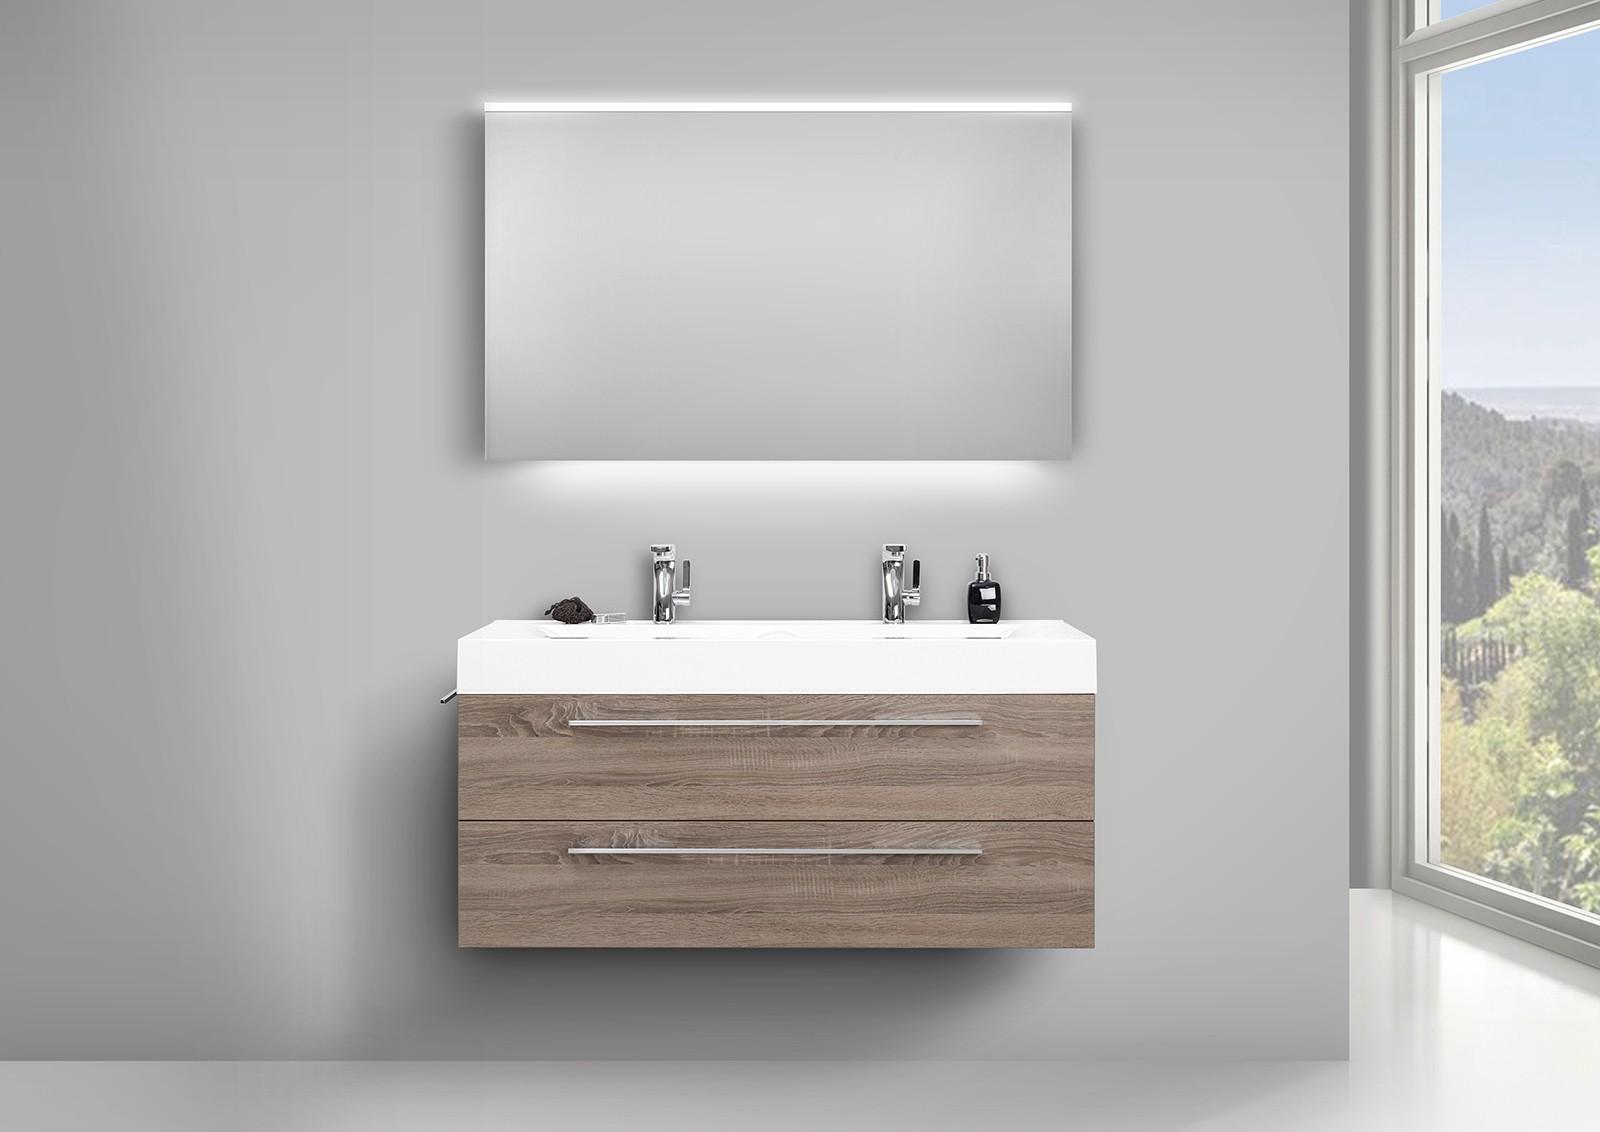 Schön Badezimmereinrichtung 7 Buchstaben U2013 Topby, Badezimmer